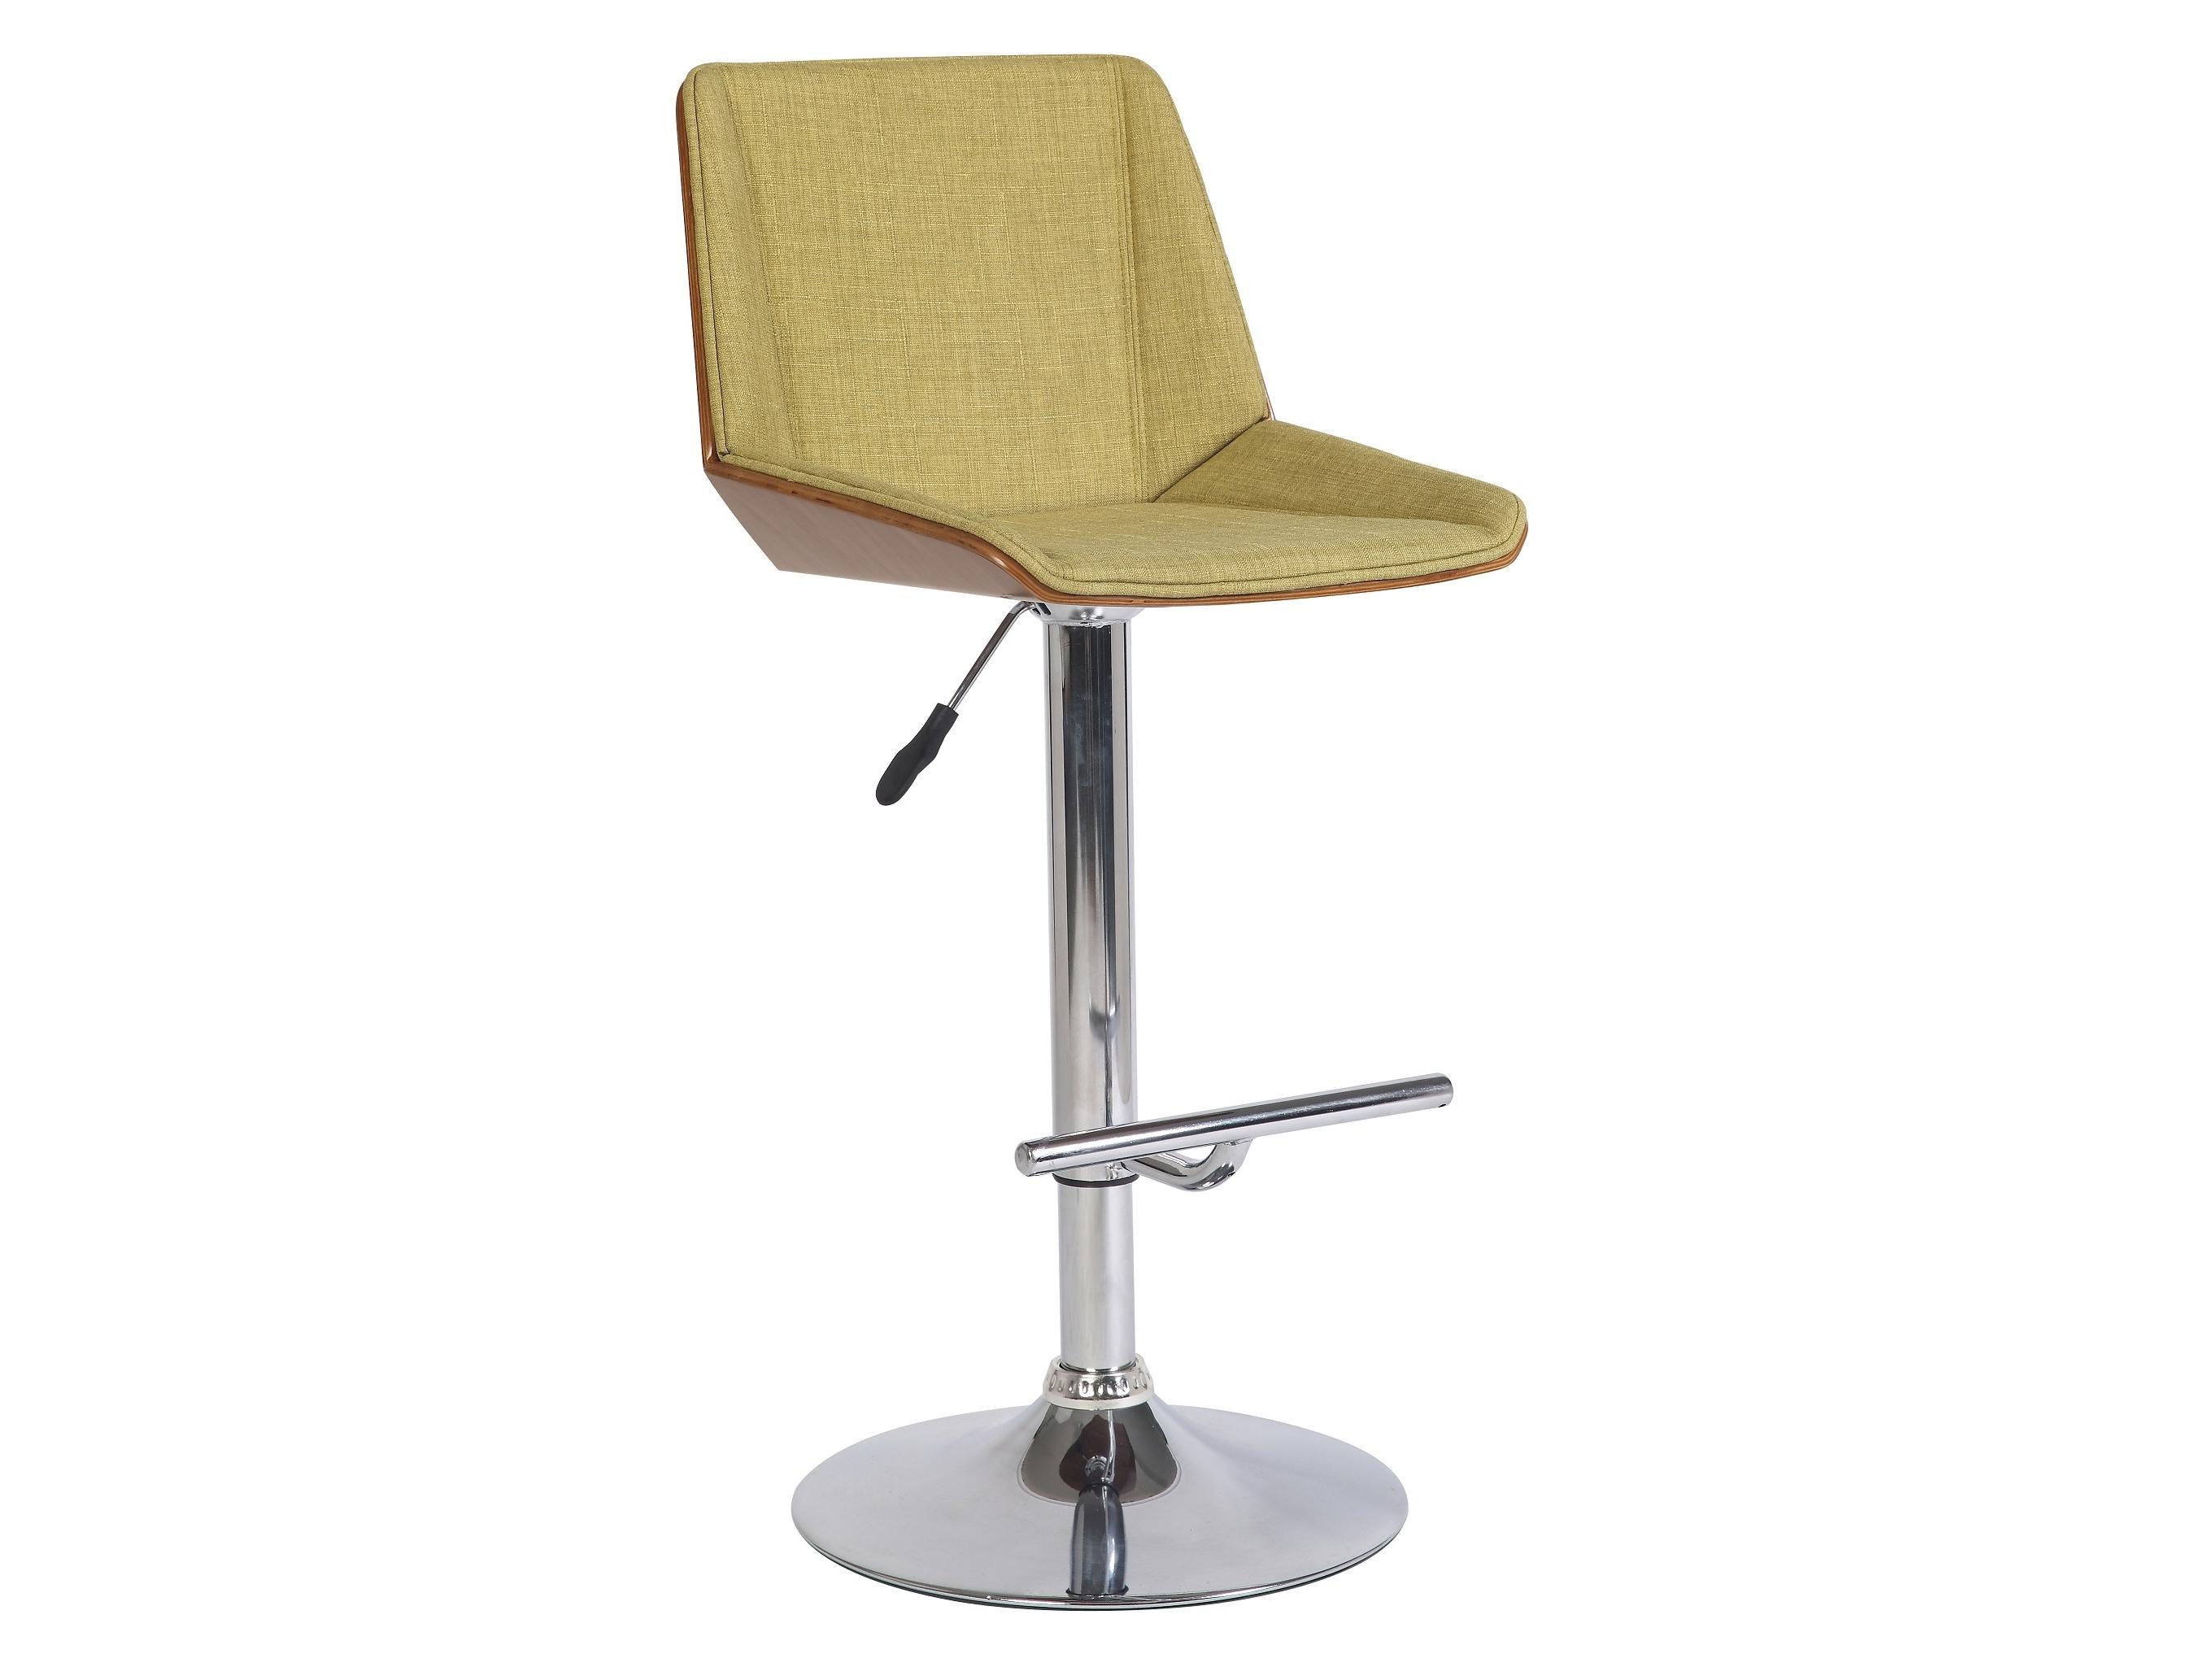 Стул барный JY1978 зеленыйБарные стулья<br>Материал: Ткань, хром<br><br>Material: Металл<br>Length см: лид<br>Width см: 60<br>Depth см: 52<br>Height см: 111